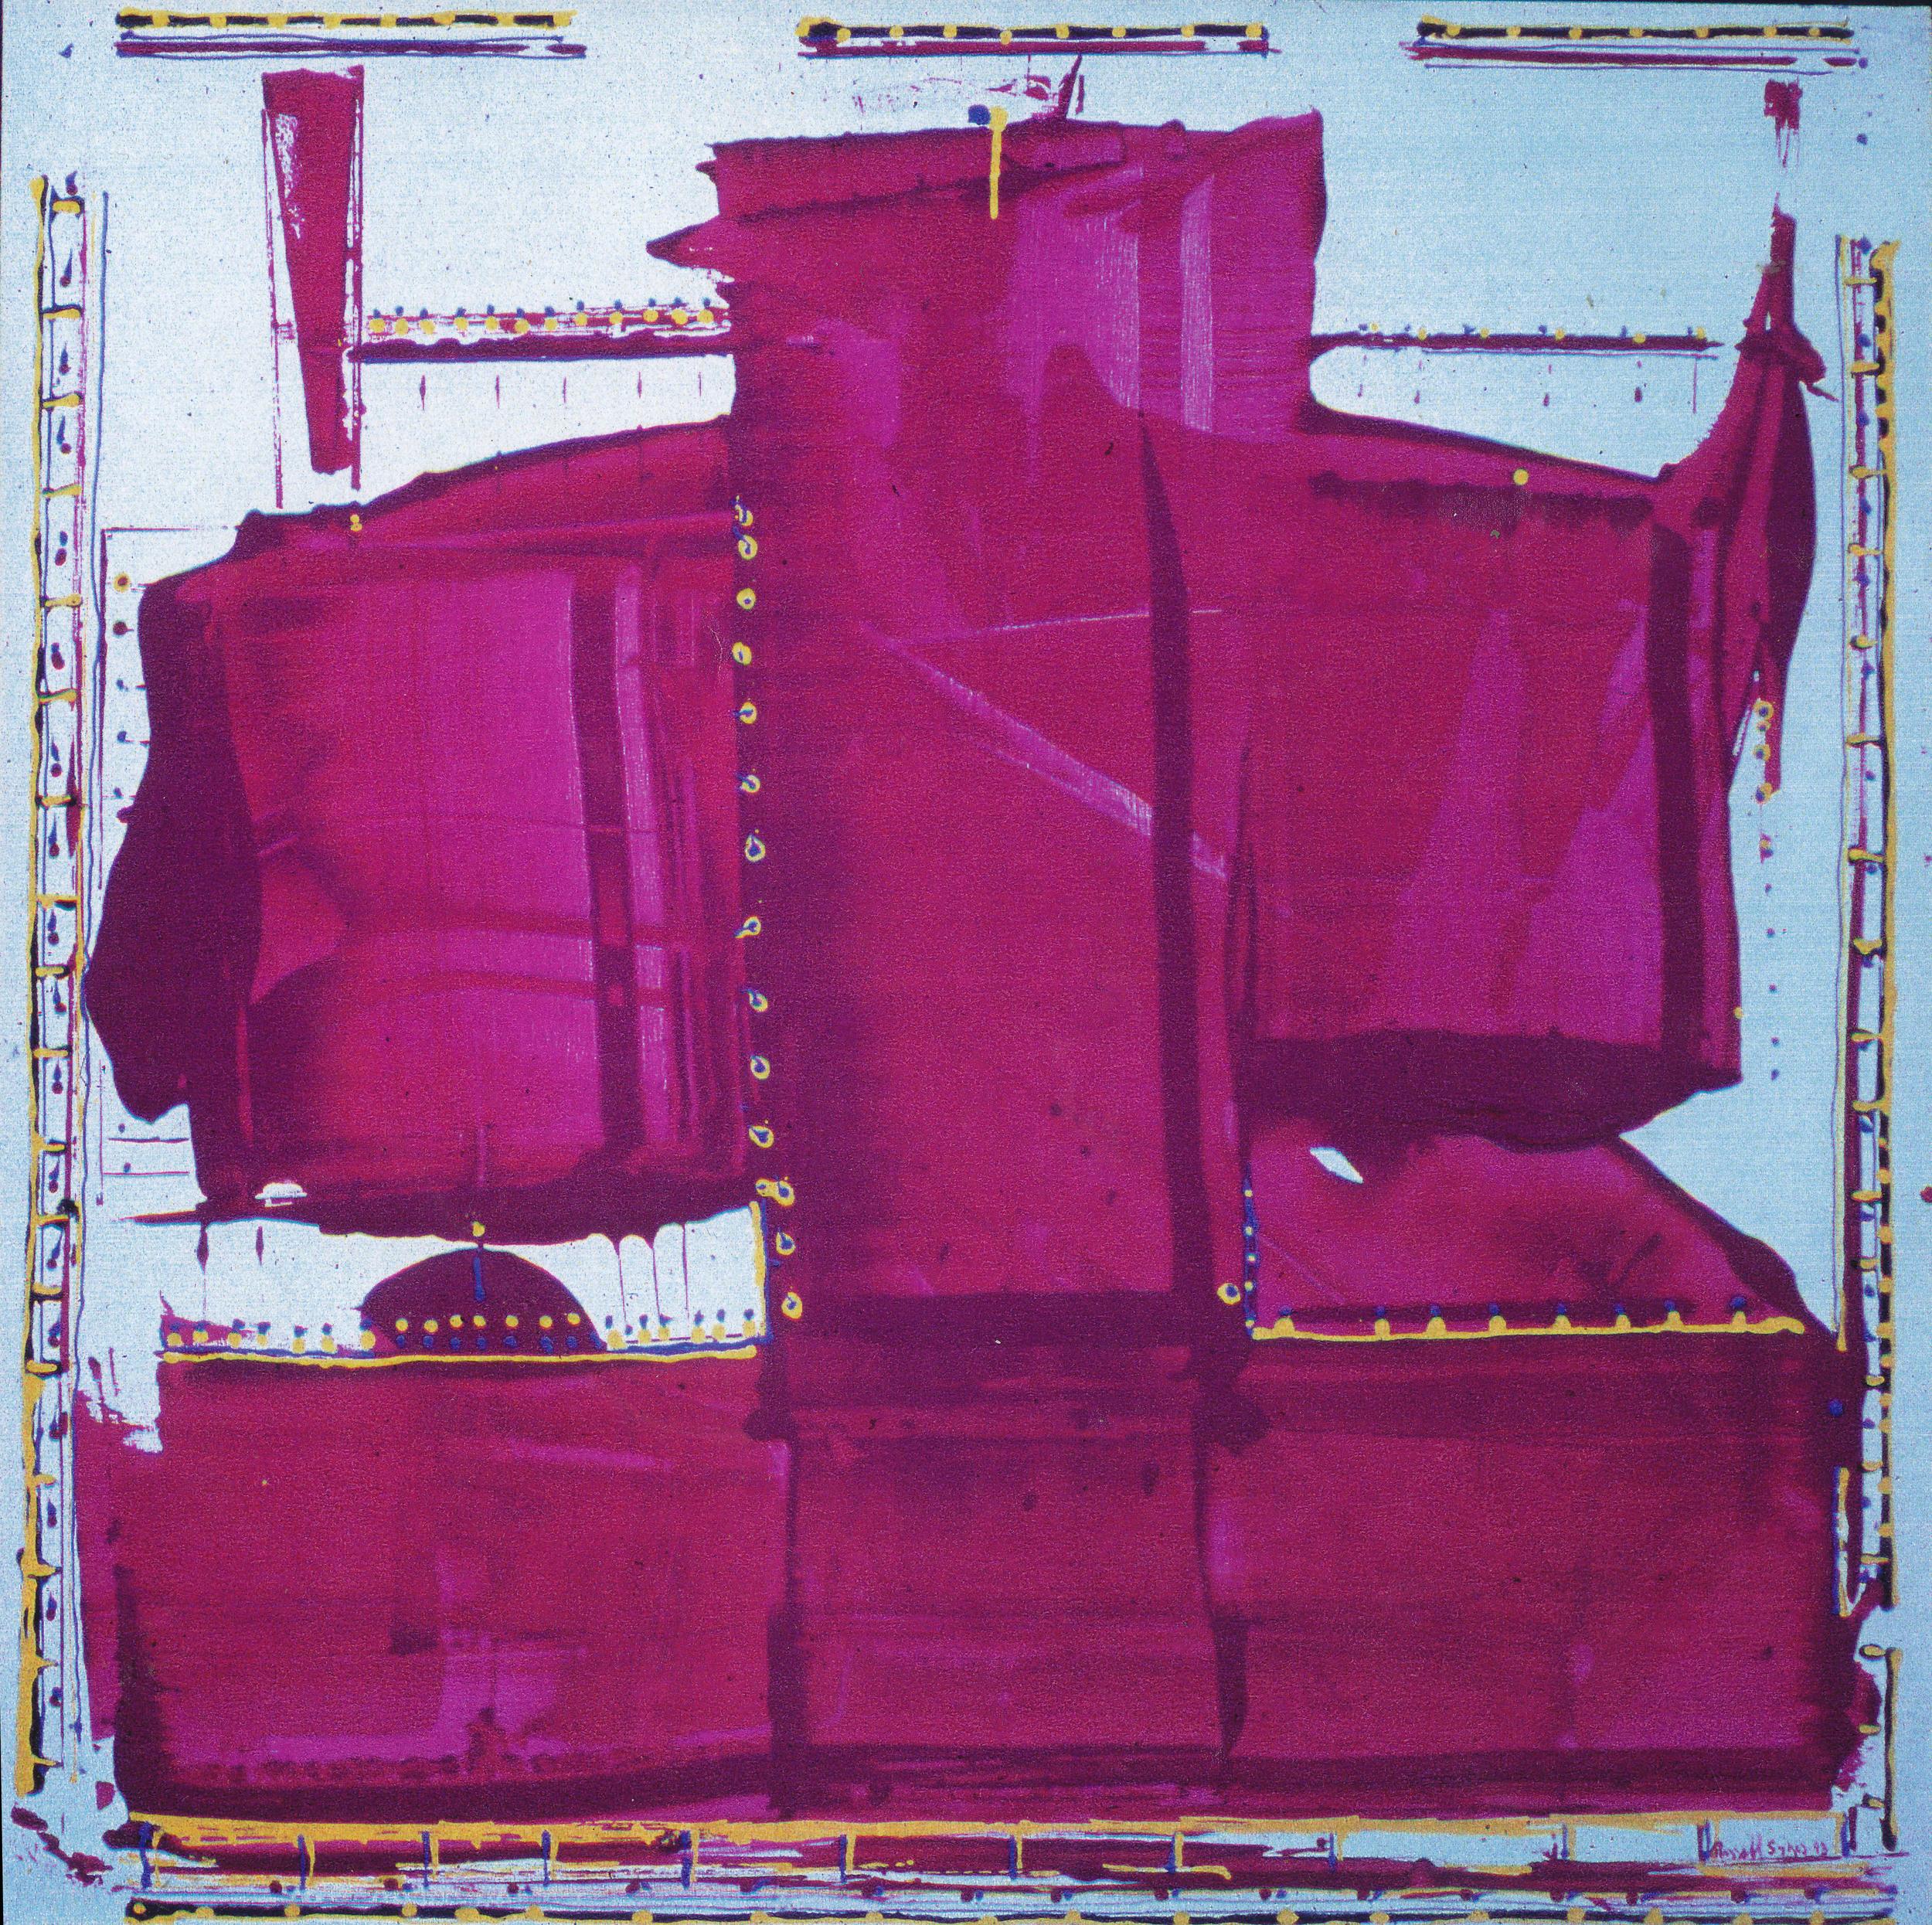 Bonaventure 1993